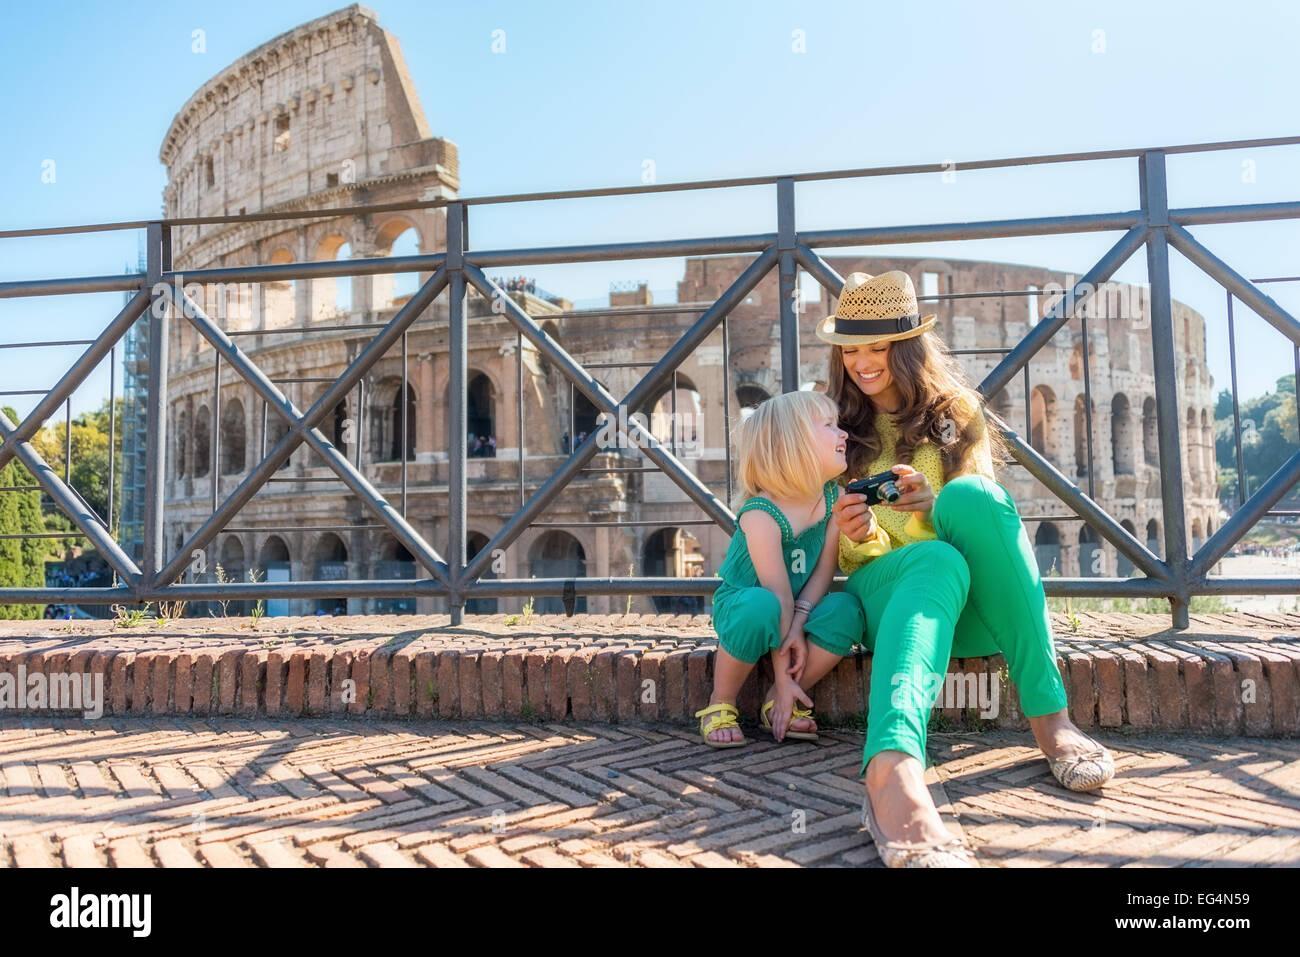 Mère et fille bébé assis devant le Colisée à Rome, Italie Banque D'Images